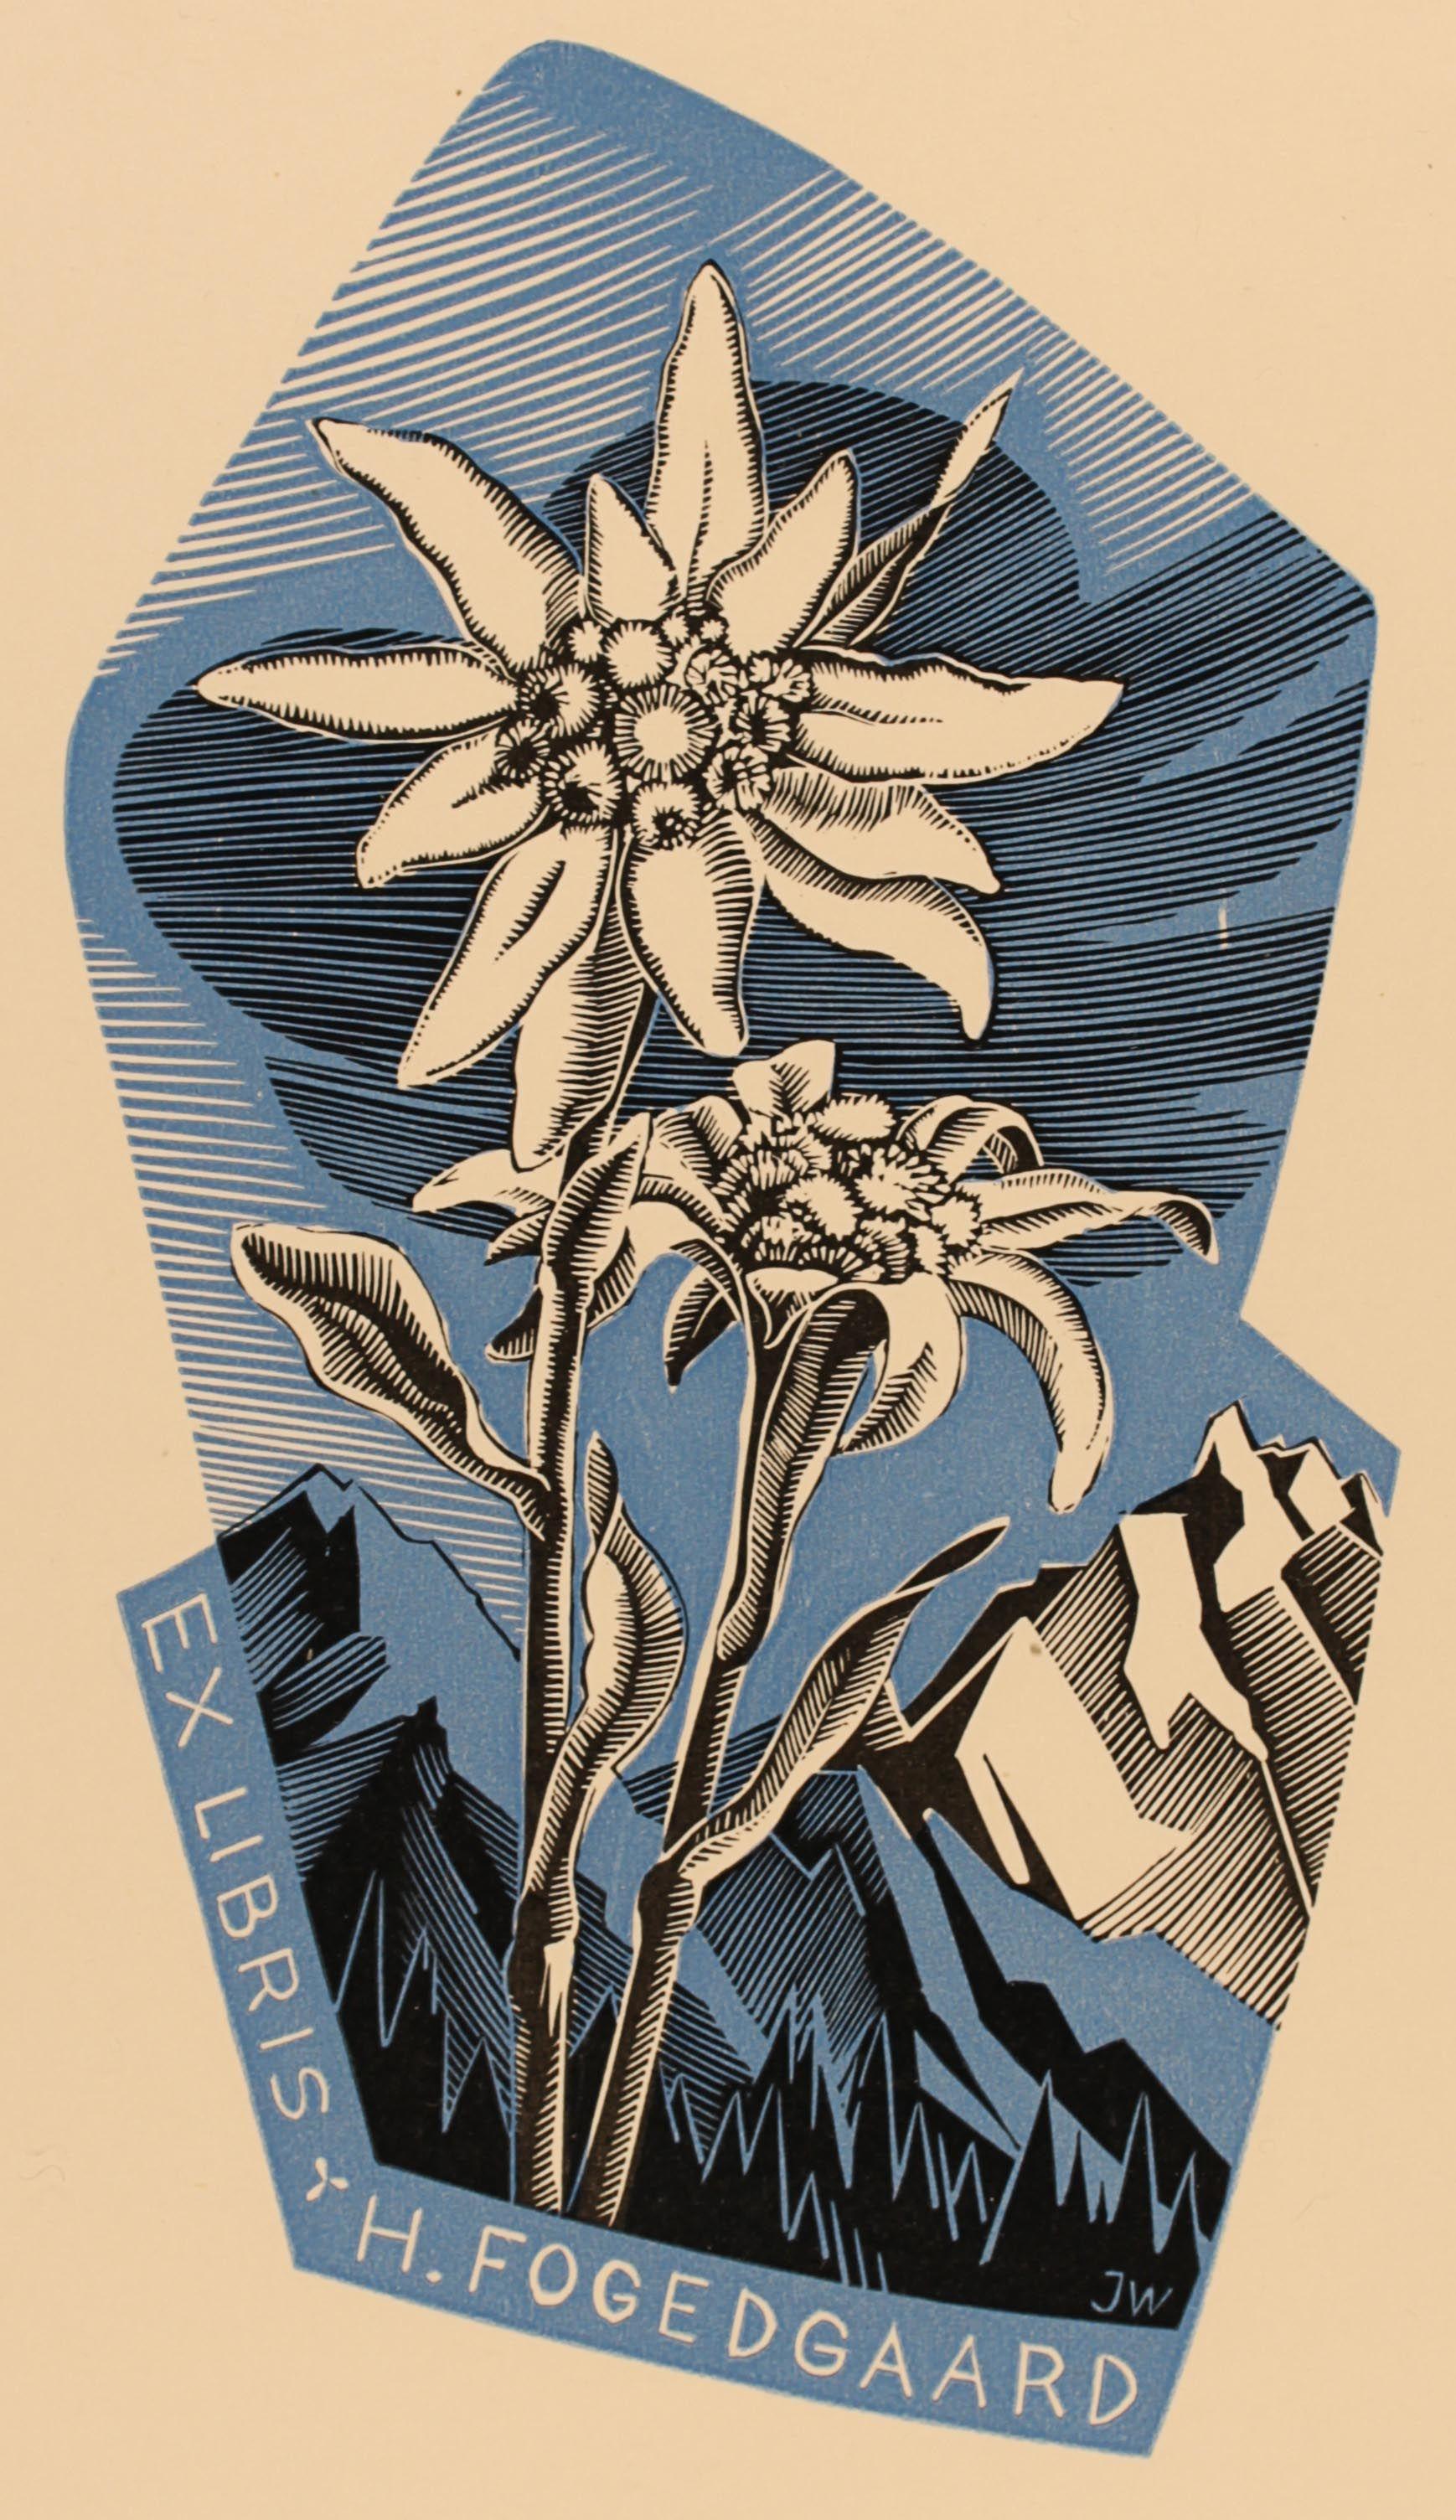 Art-exlibris.net - exlibris by Josef Weiser for Helmer Fogedgaard